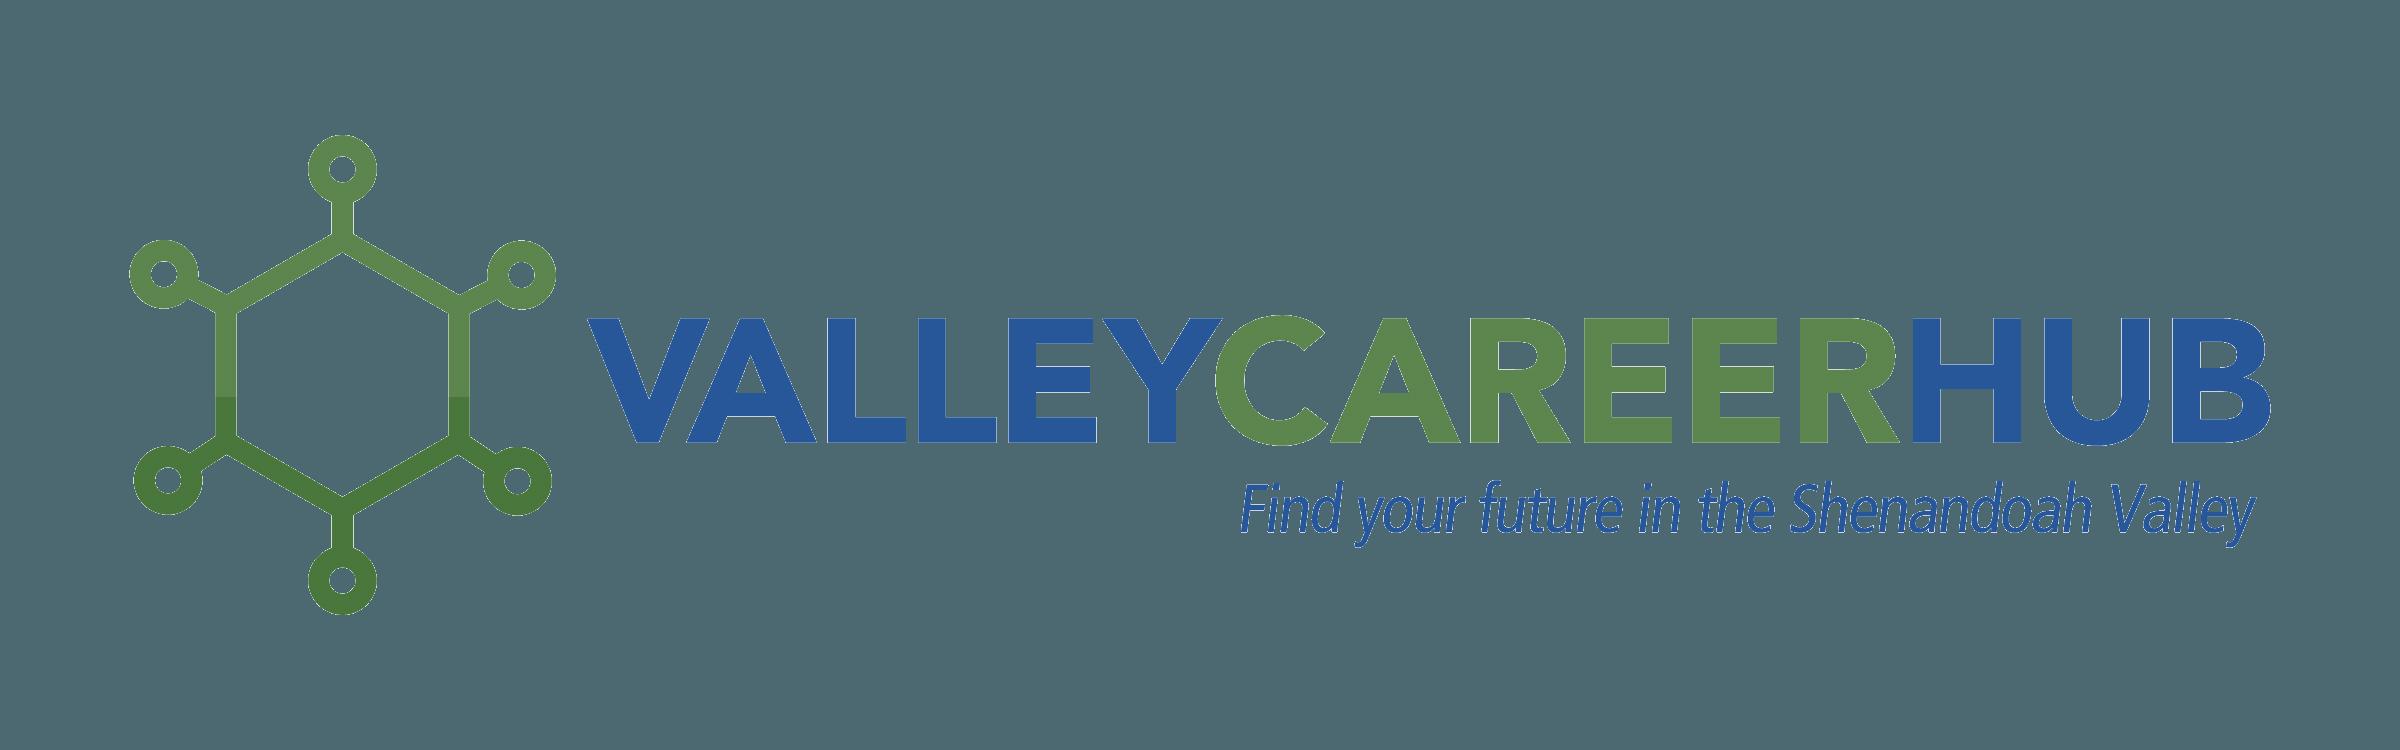 Valley Career hub logo